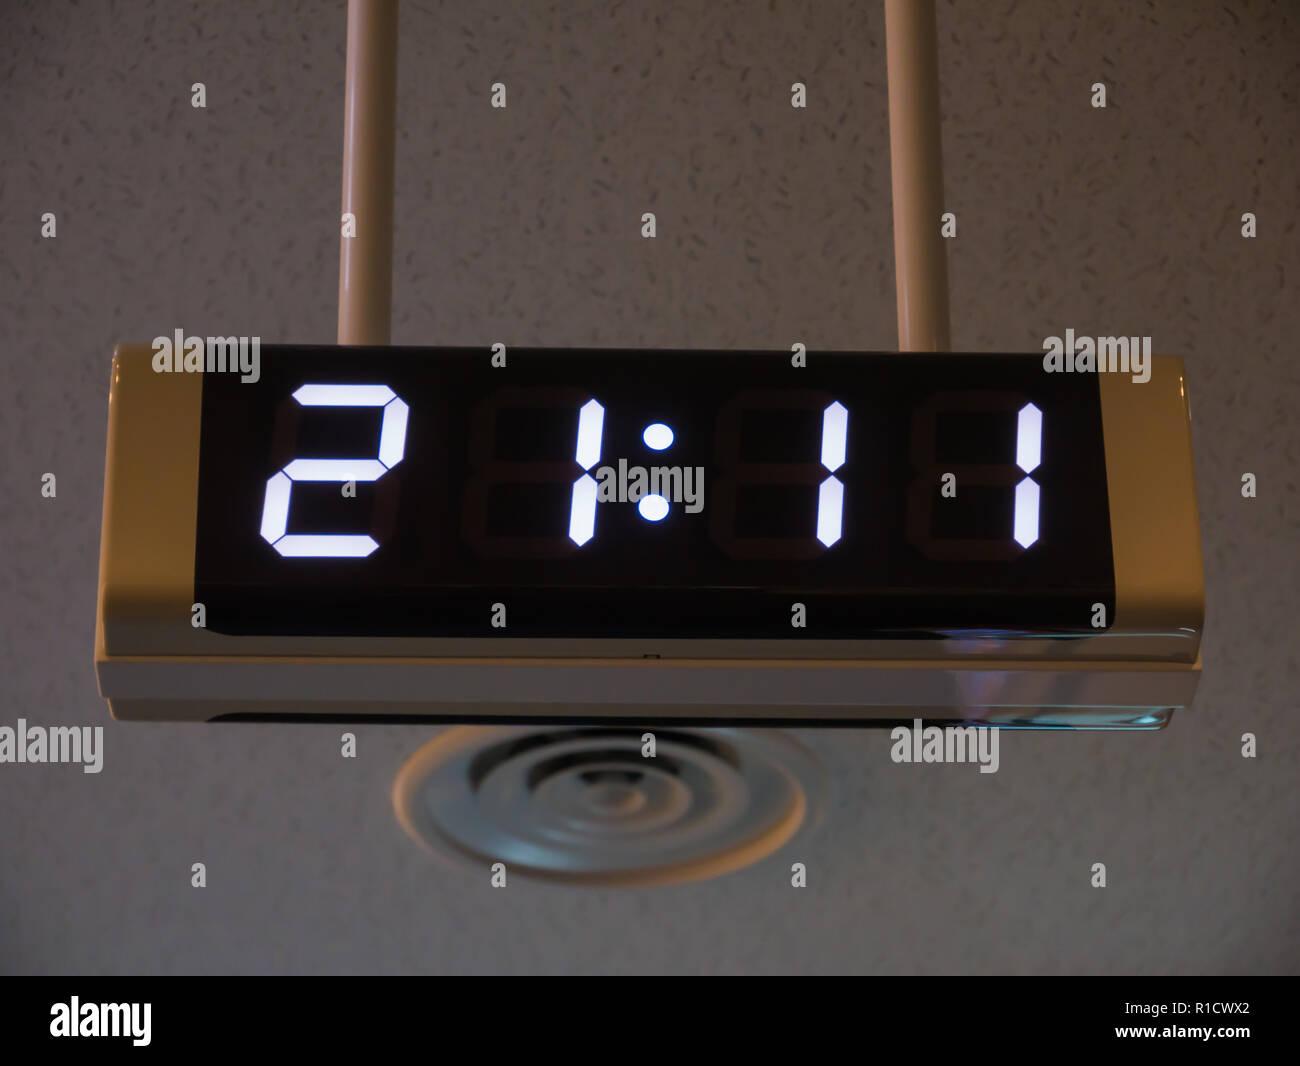 Digital Clock Stock Photos & Digital Clock Stock Images - Alamy